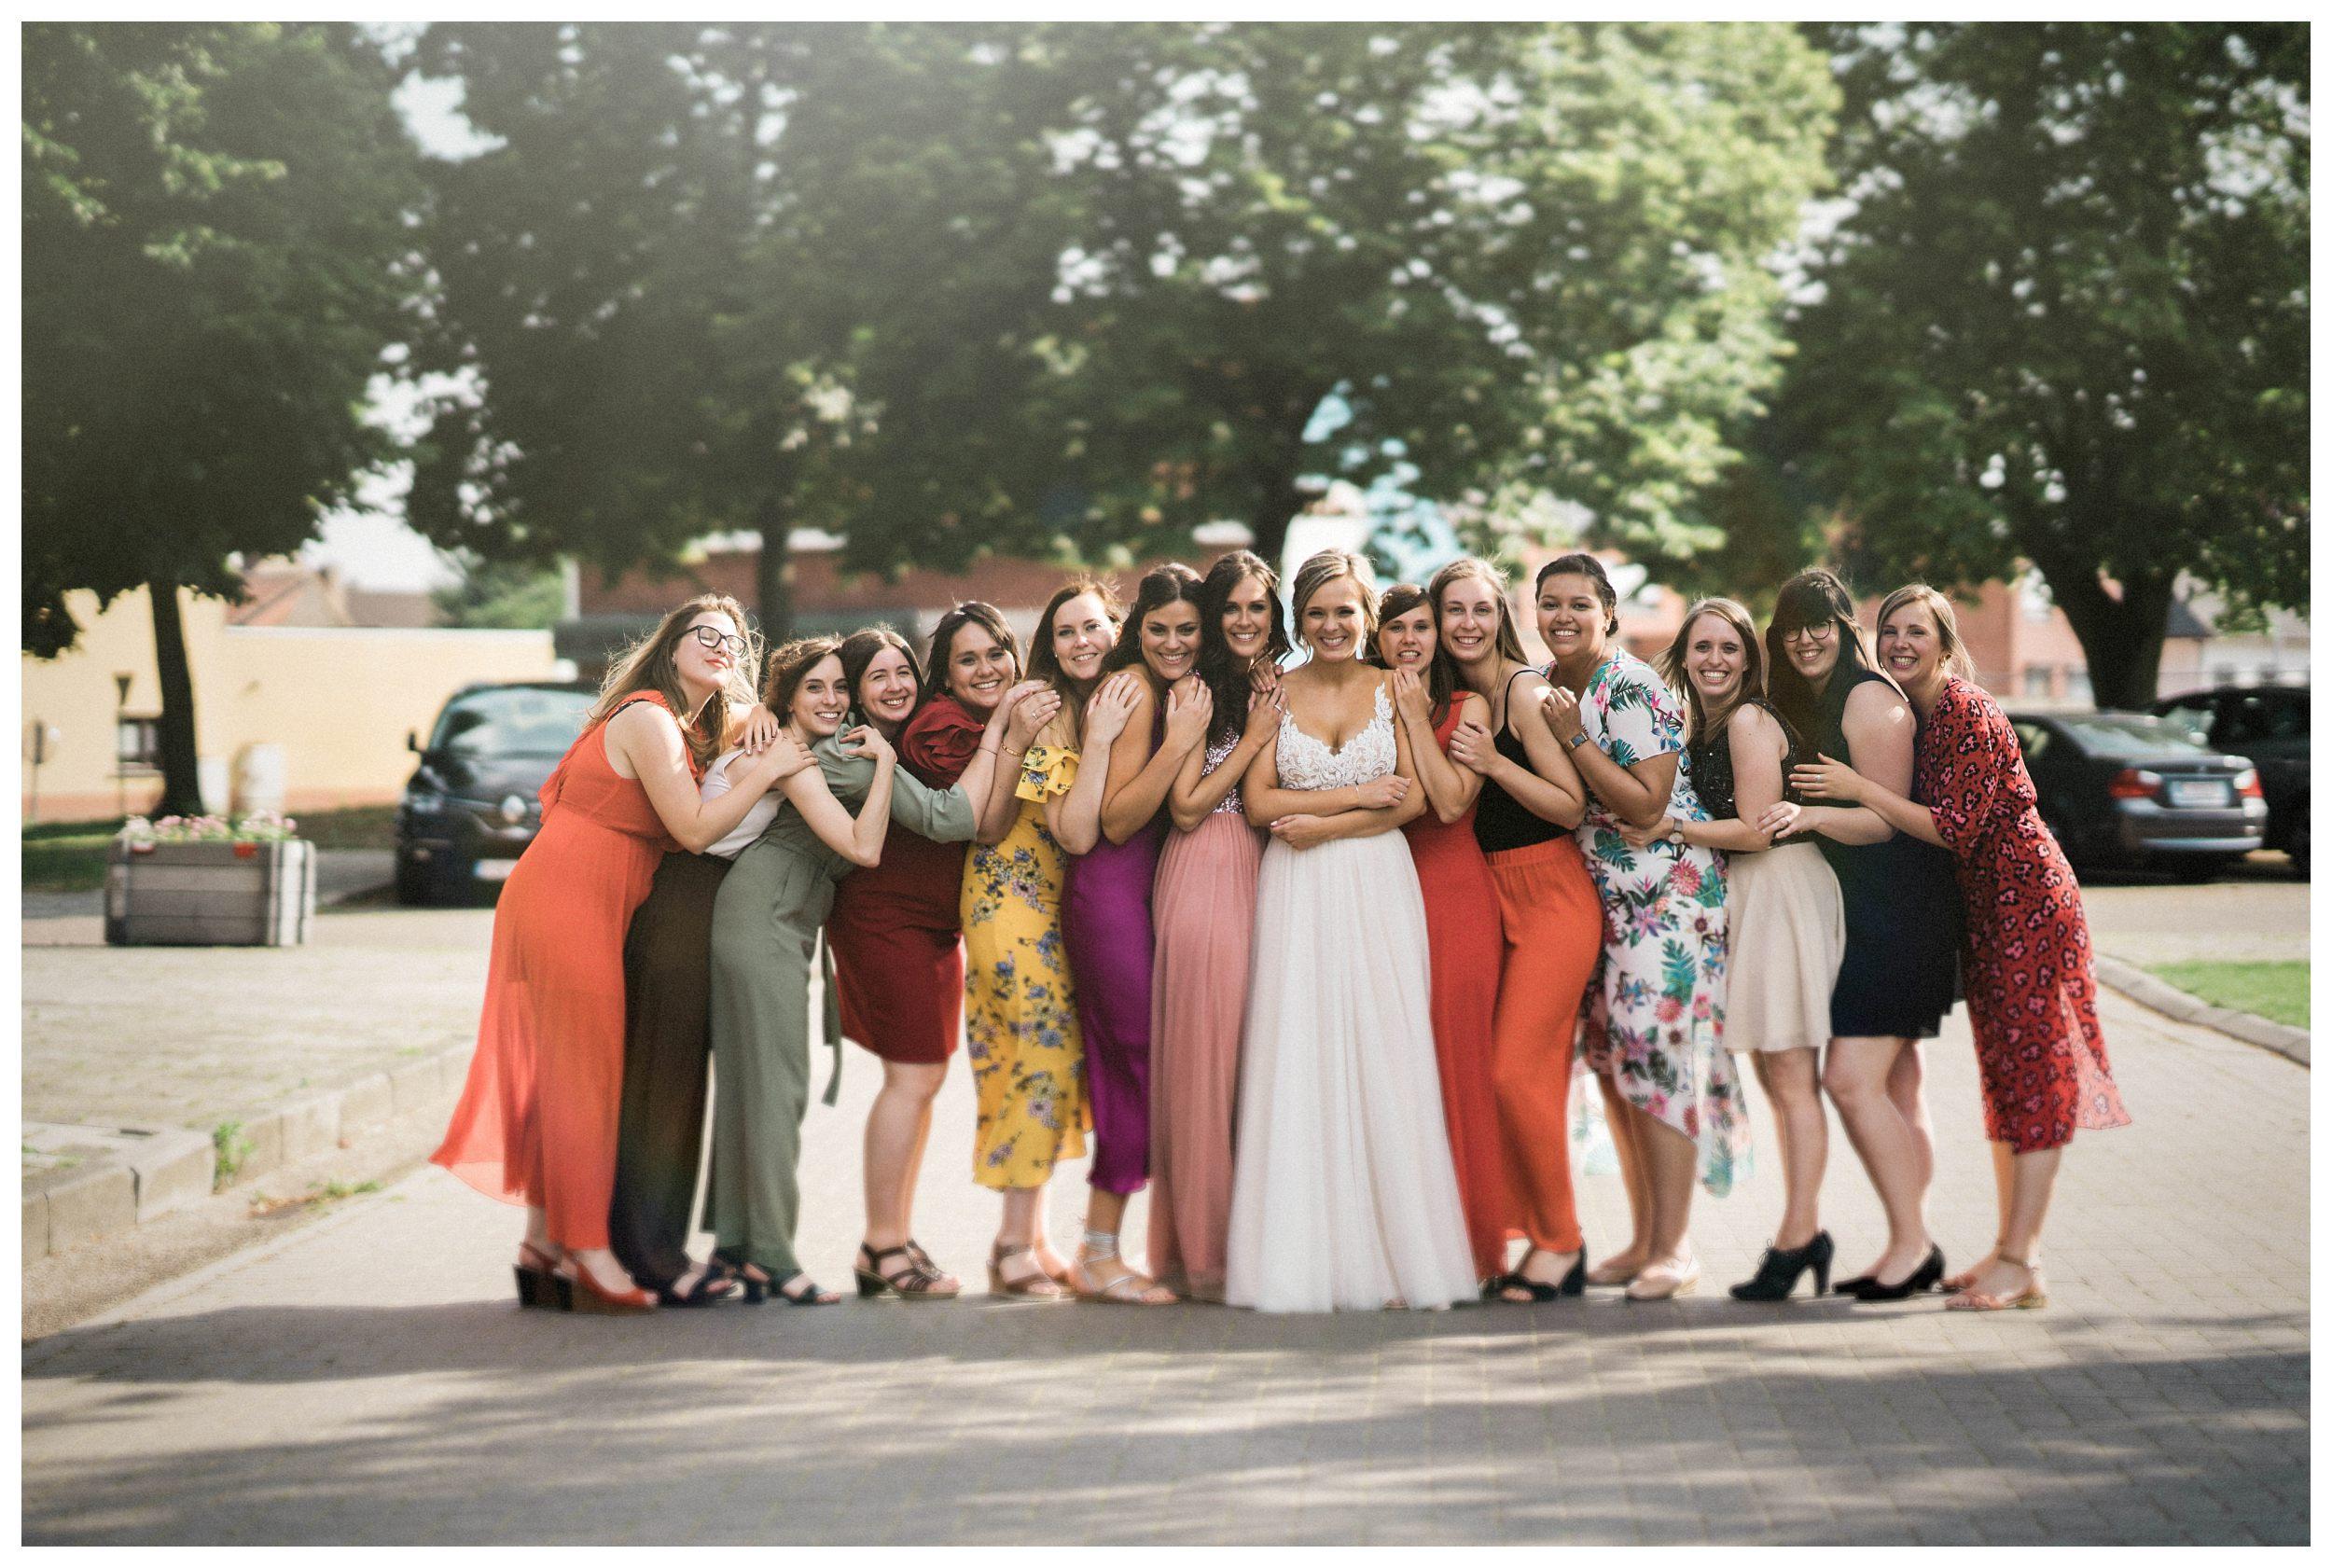 huwelijksfotograaf bruidsfotograaf destinationwedding huwelijksfotografie in mol oostham (55).jpg